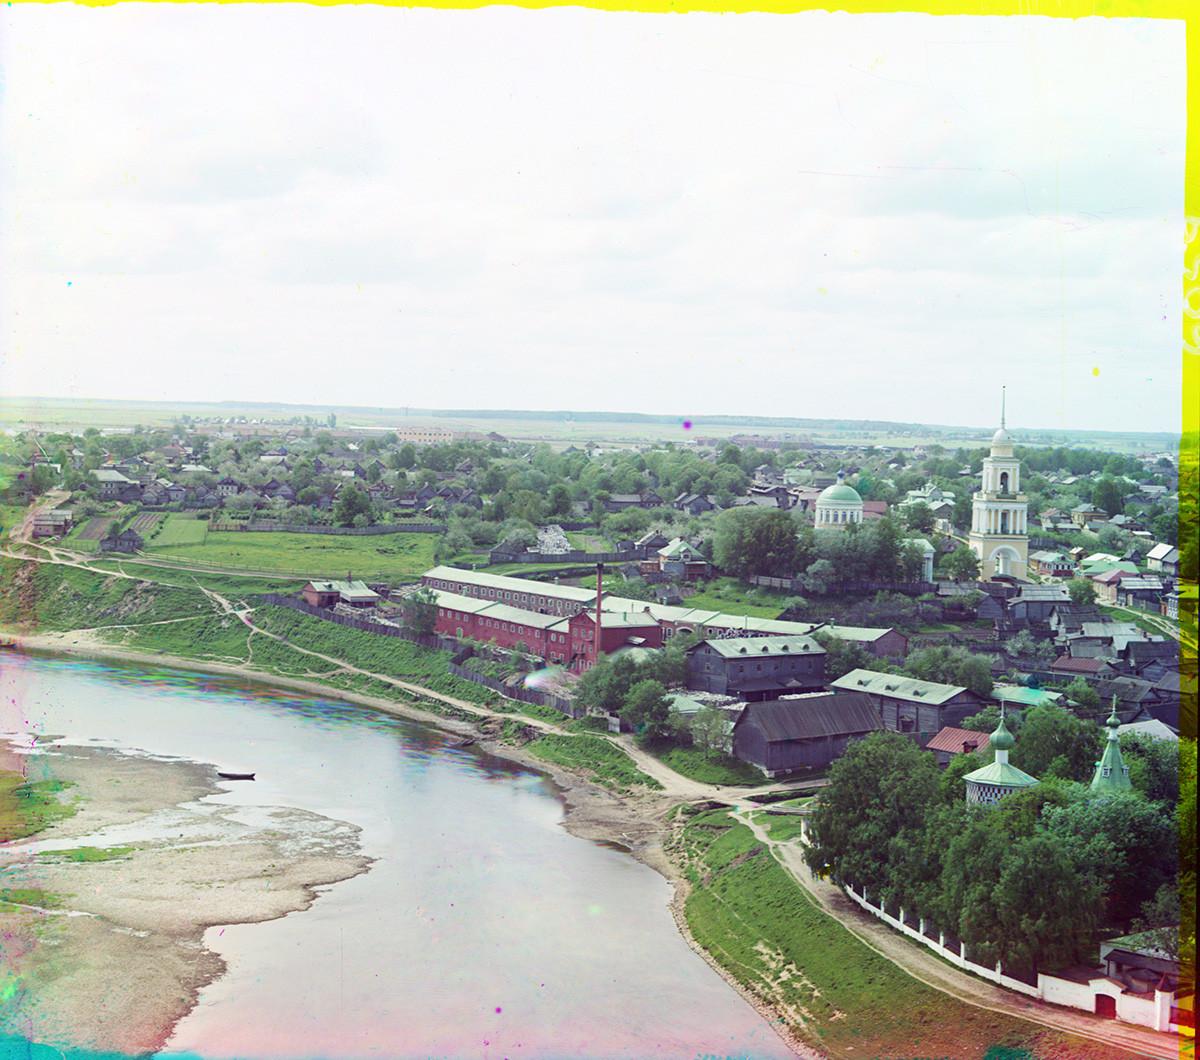 Ržev. Pogled na del kneza Dmitrija čez reko Volgo. Desno: Okovecka Katedrala. Poletje 1910.